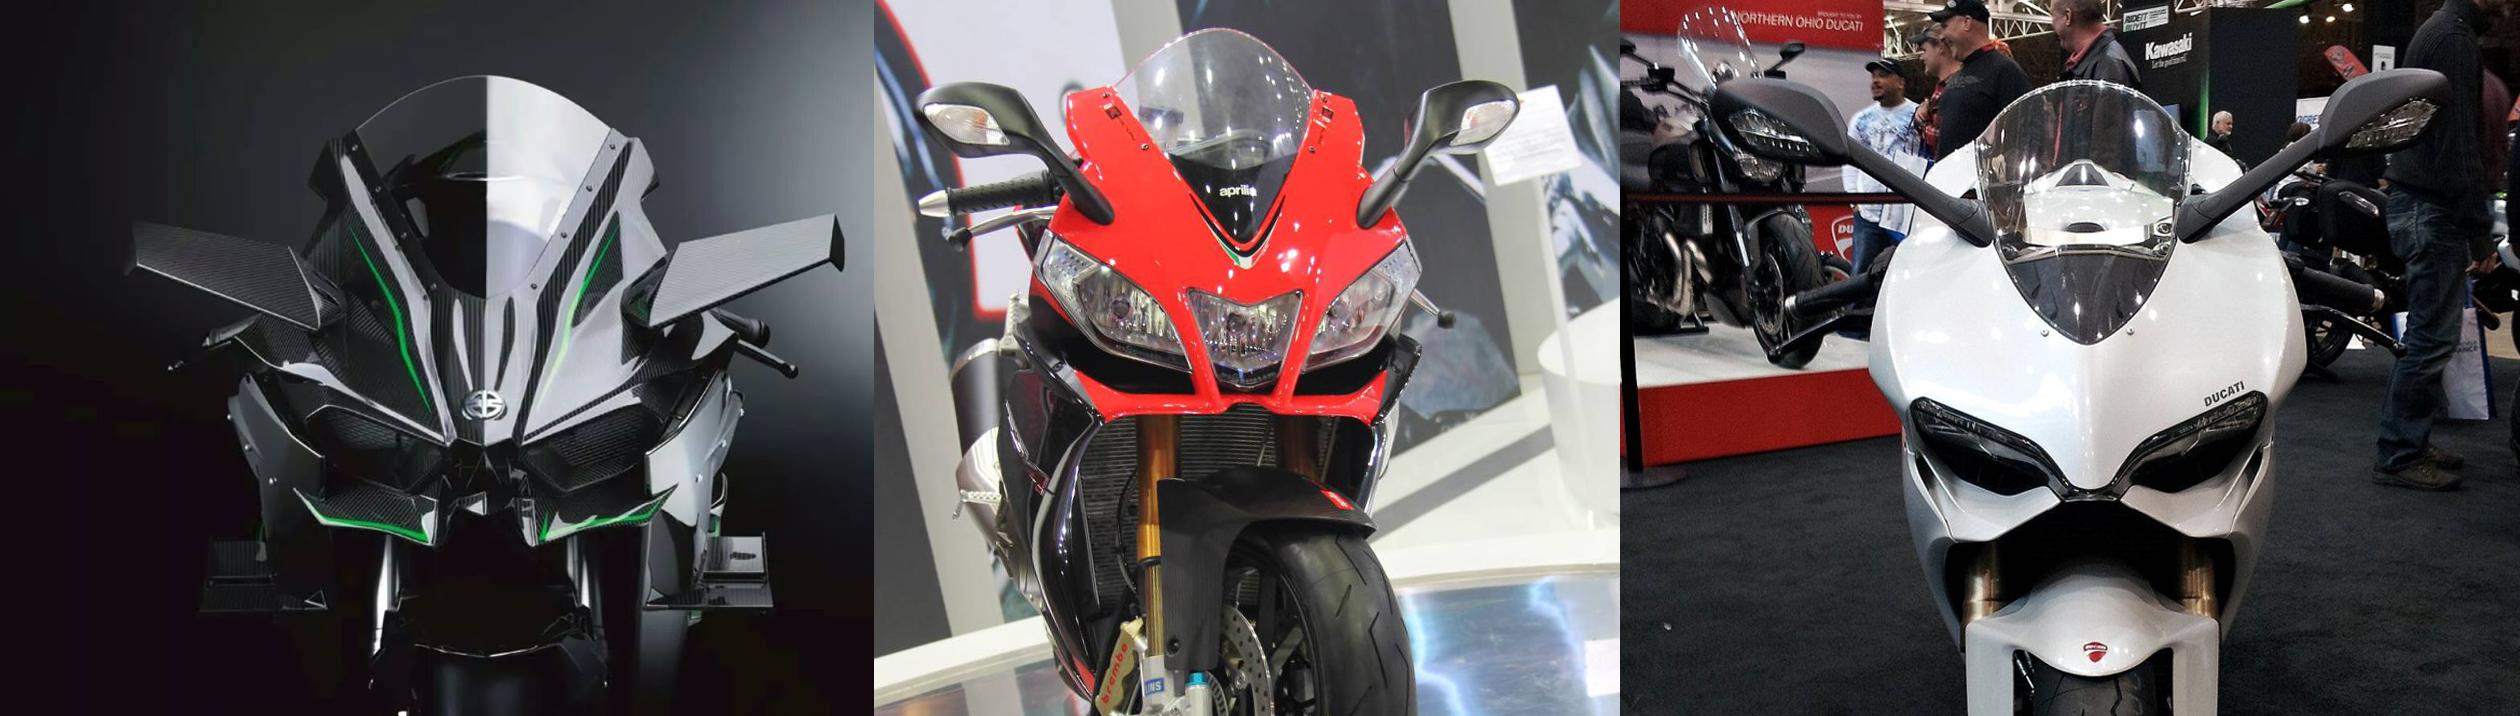 Kawasaki Ninja H2 et H2R - Page 6 132252259564442078893440n